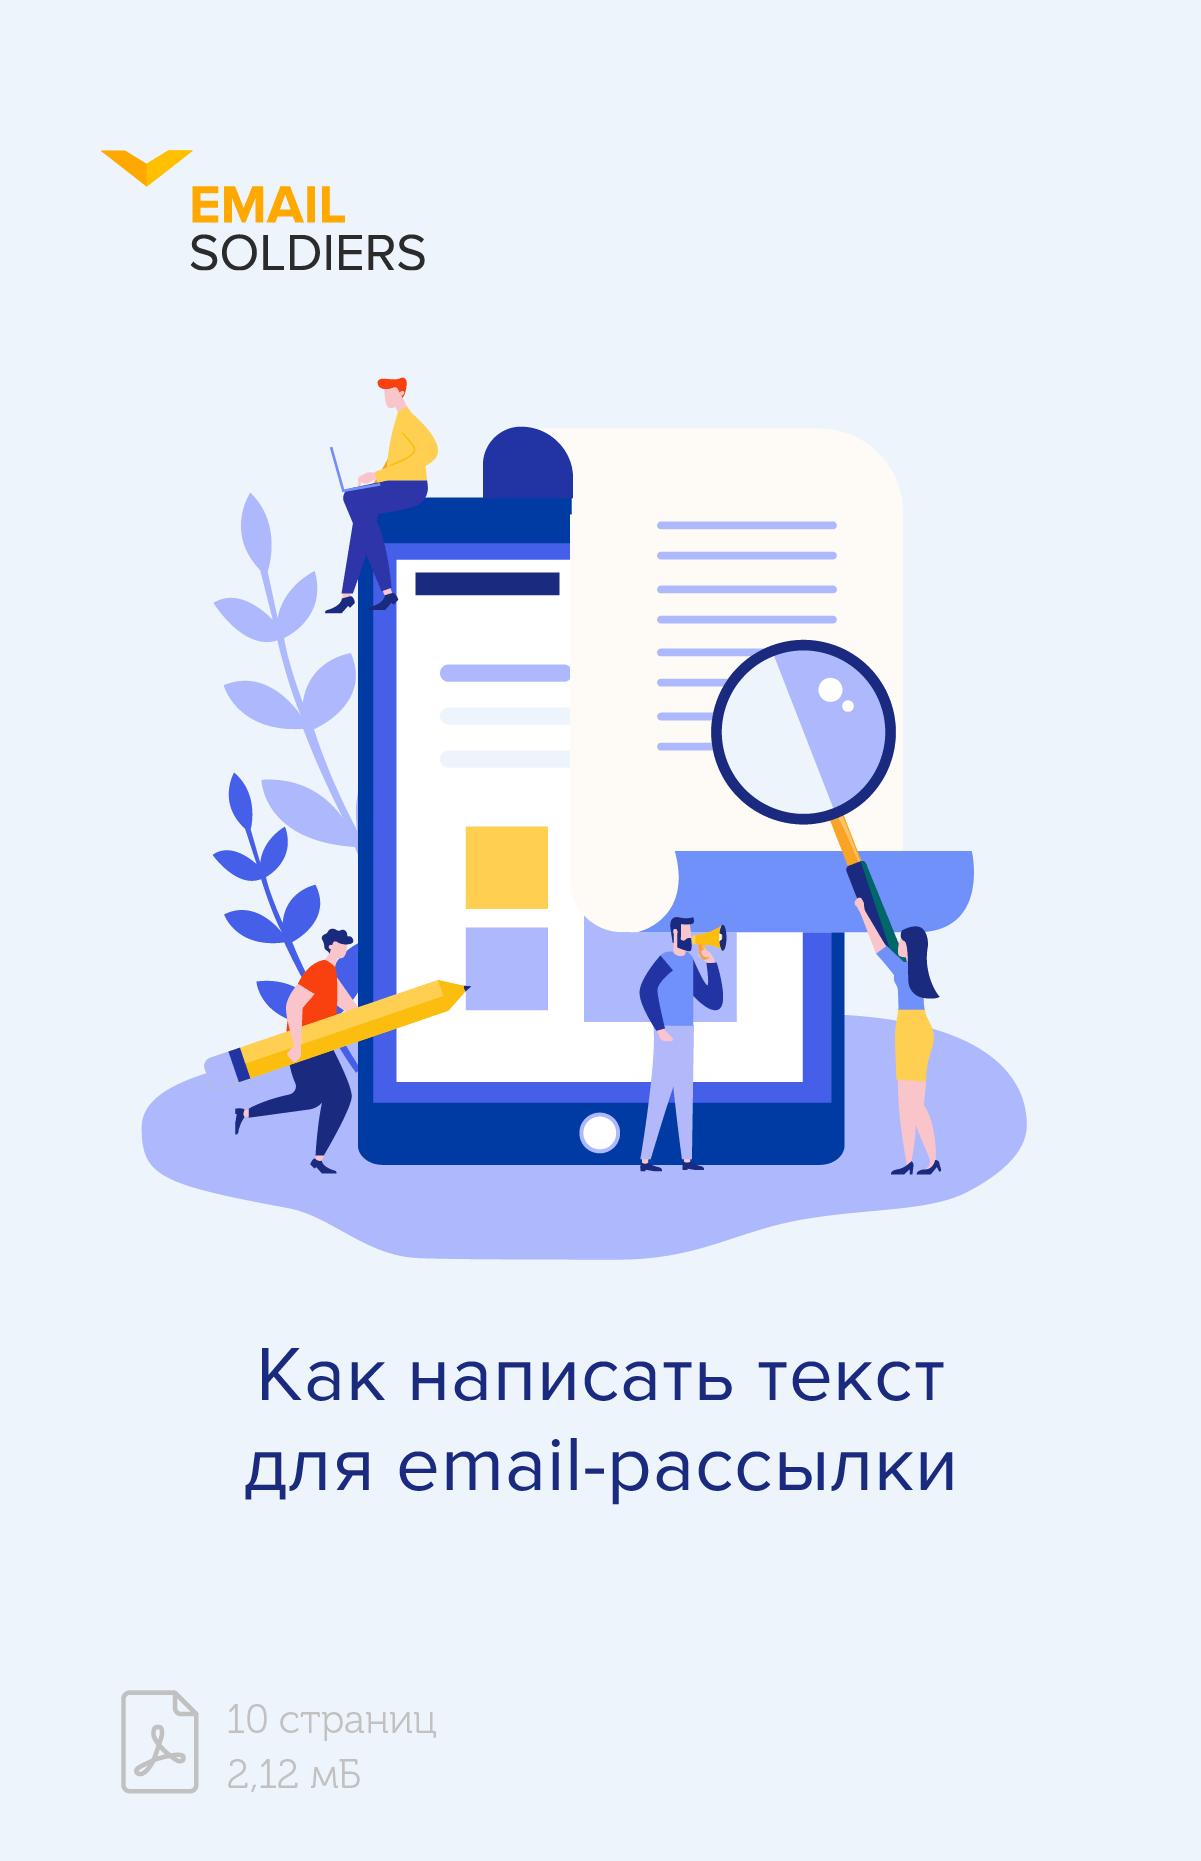 Как написать текст для email-рассылки